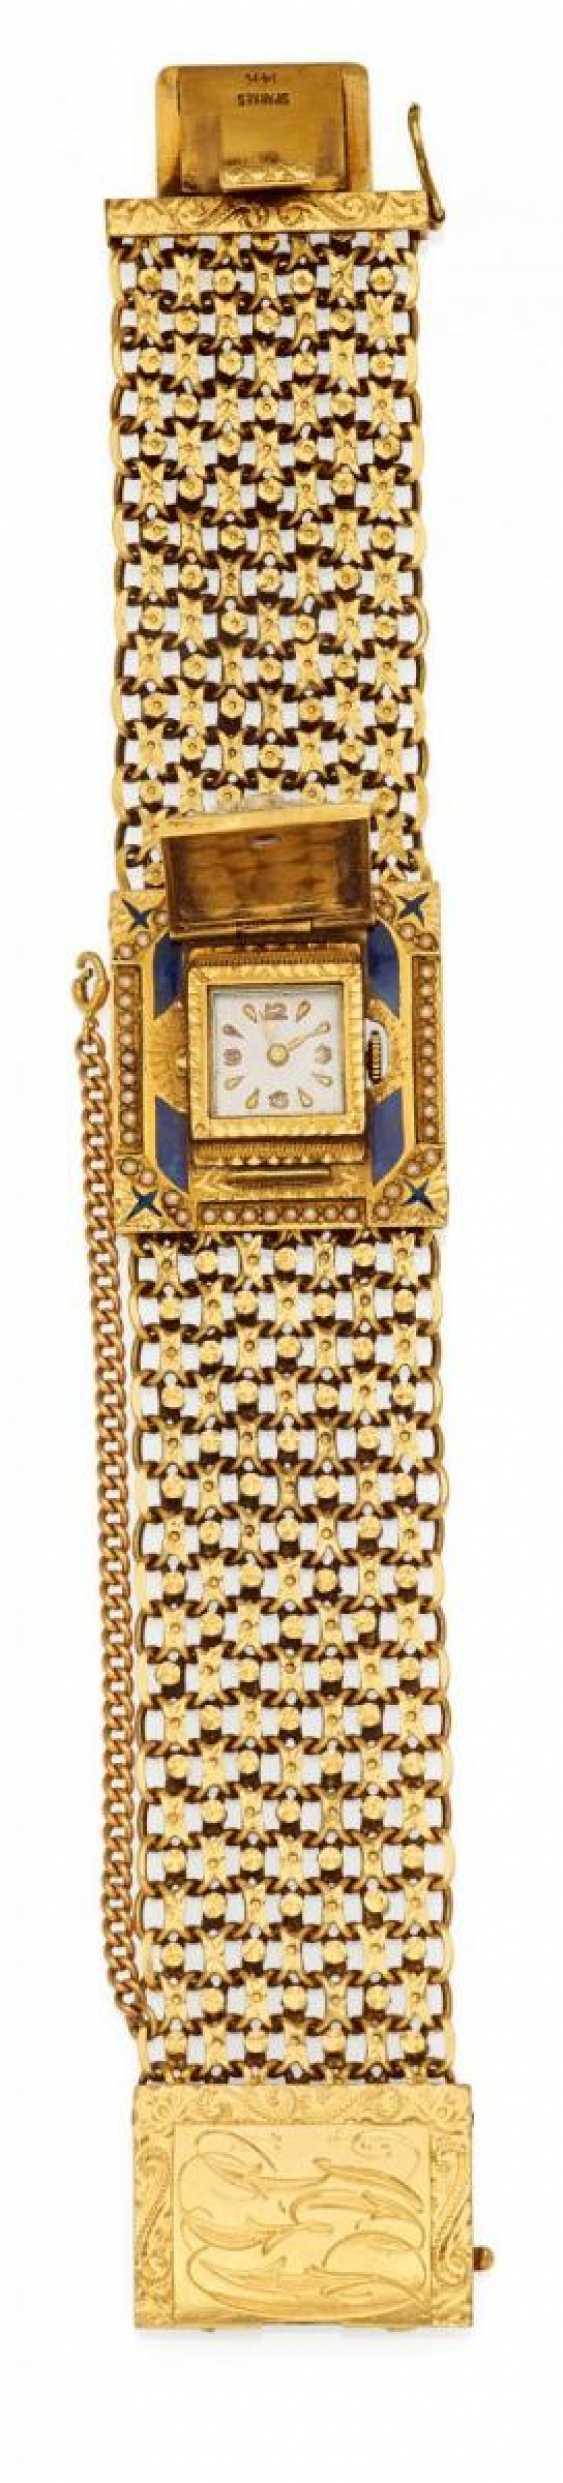 Jewelry wrist watch - photo 2